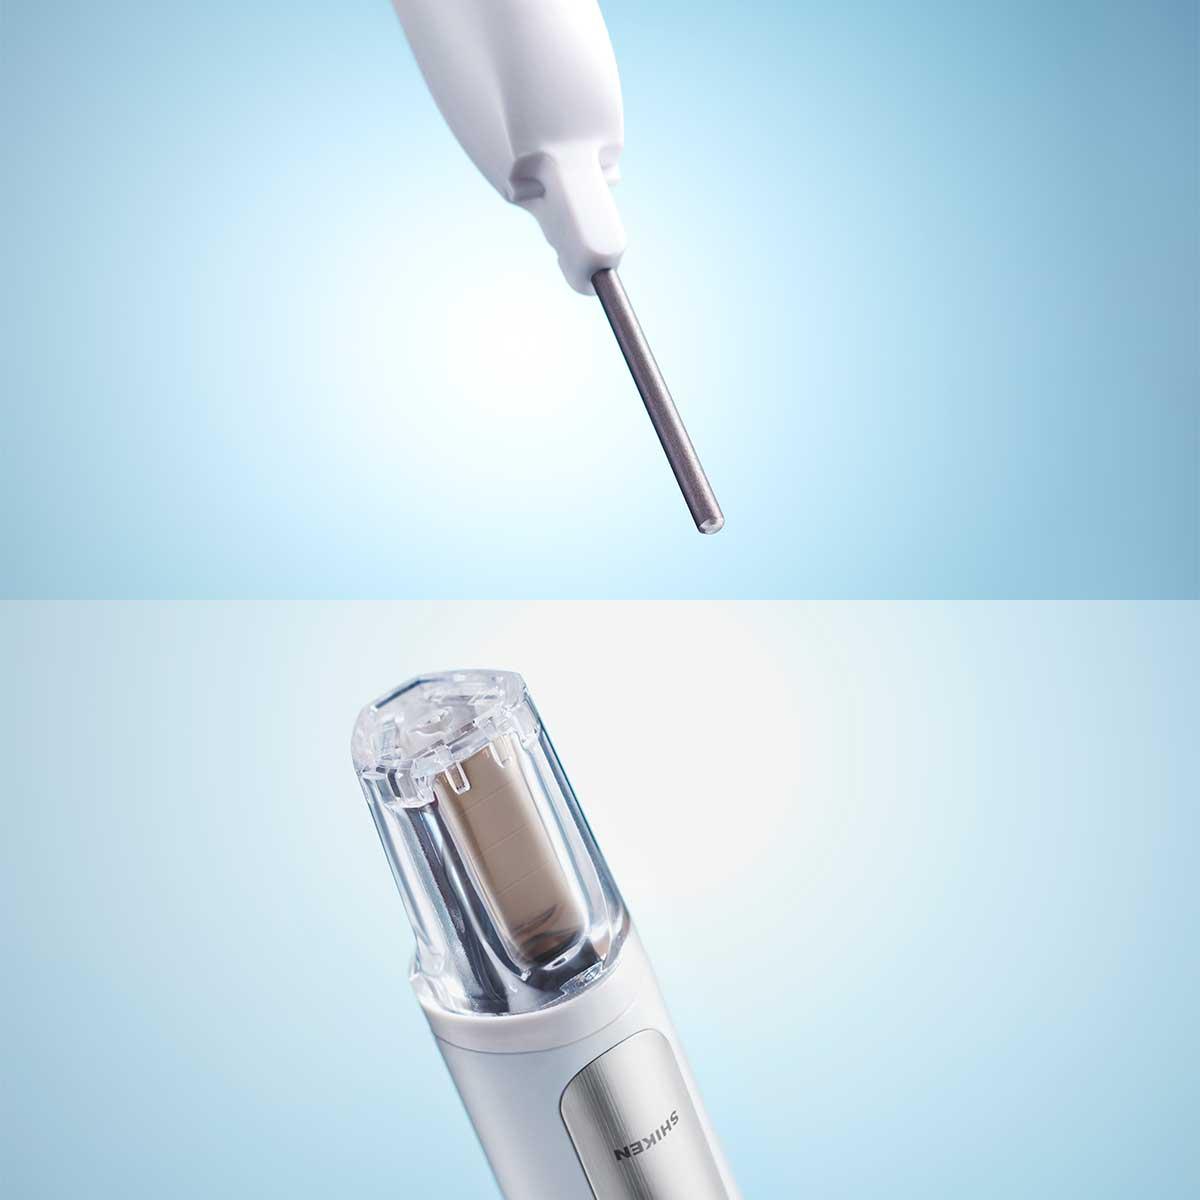 半導体(酸化チタン)とソーラーパネルを内蔵した、めずらしい歯ブラシ。光触媒の効果で、歯磨き粉なしでも歯垢がとれる「電動歯ブラシ」|SOLADEY